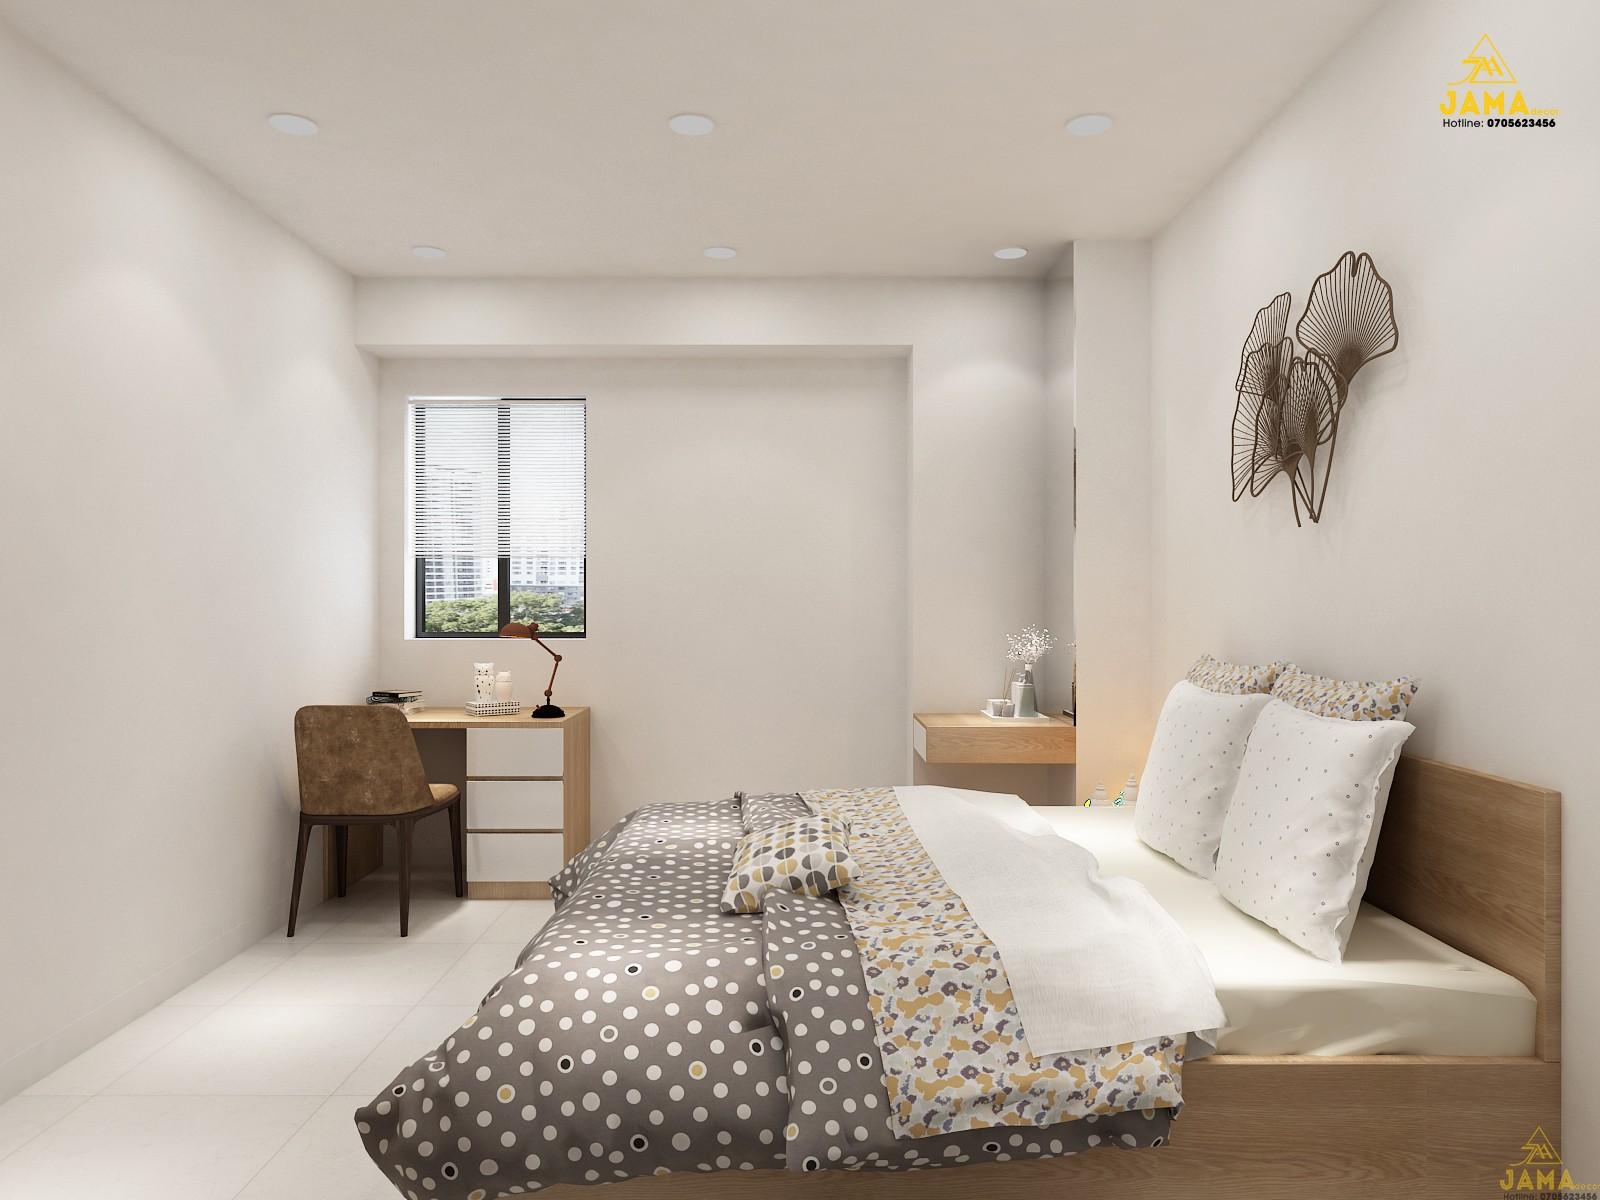 Thiết kế nội thất căn hộ 1 phòng ngủ.